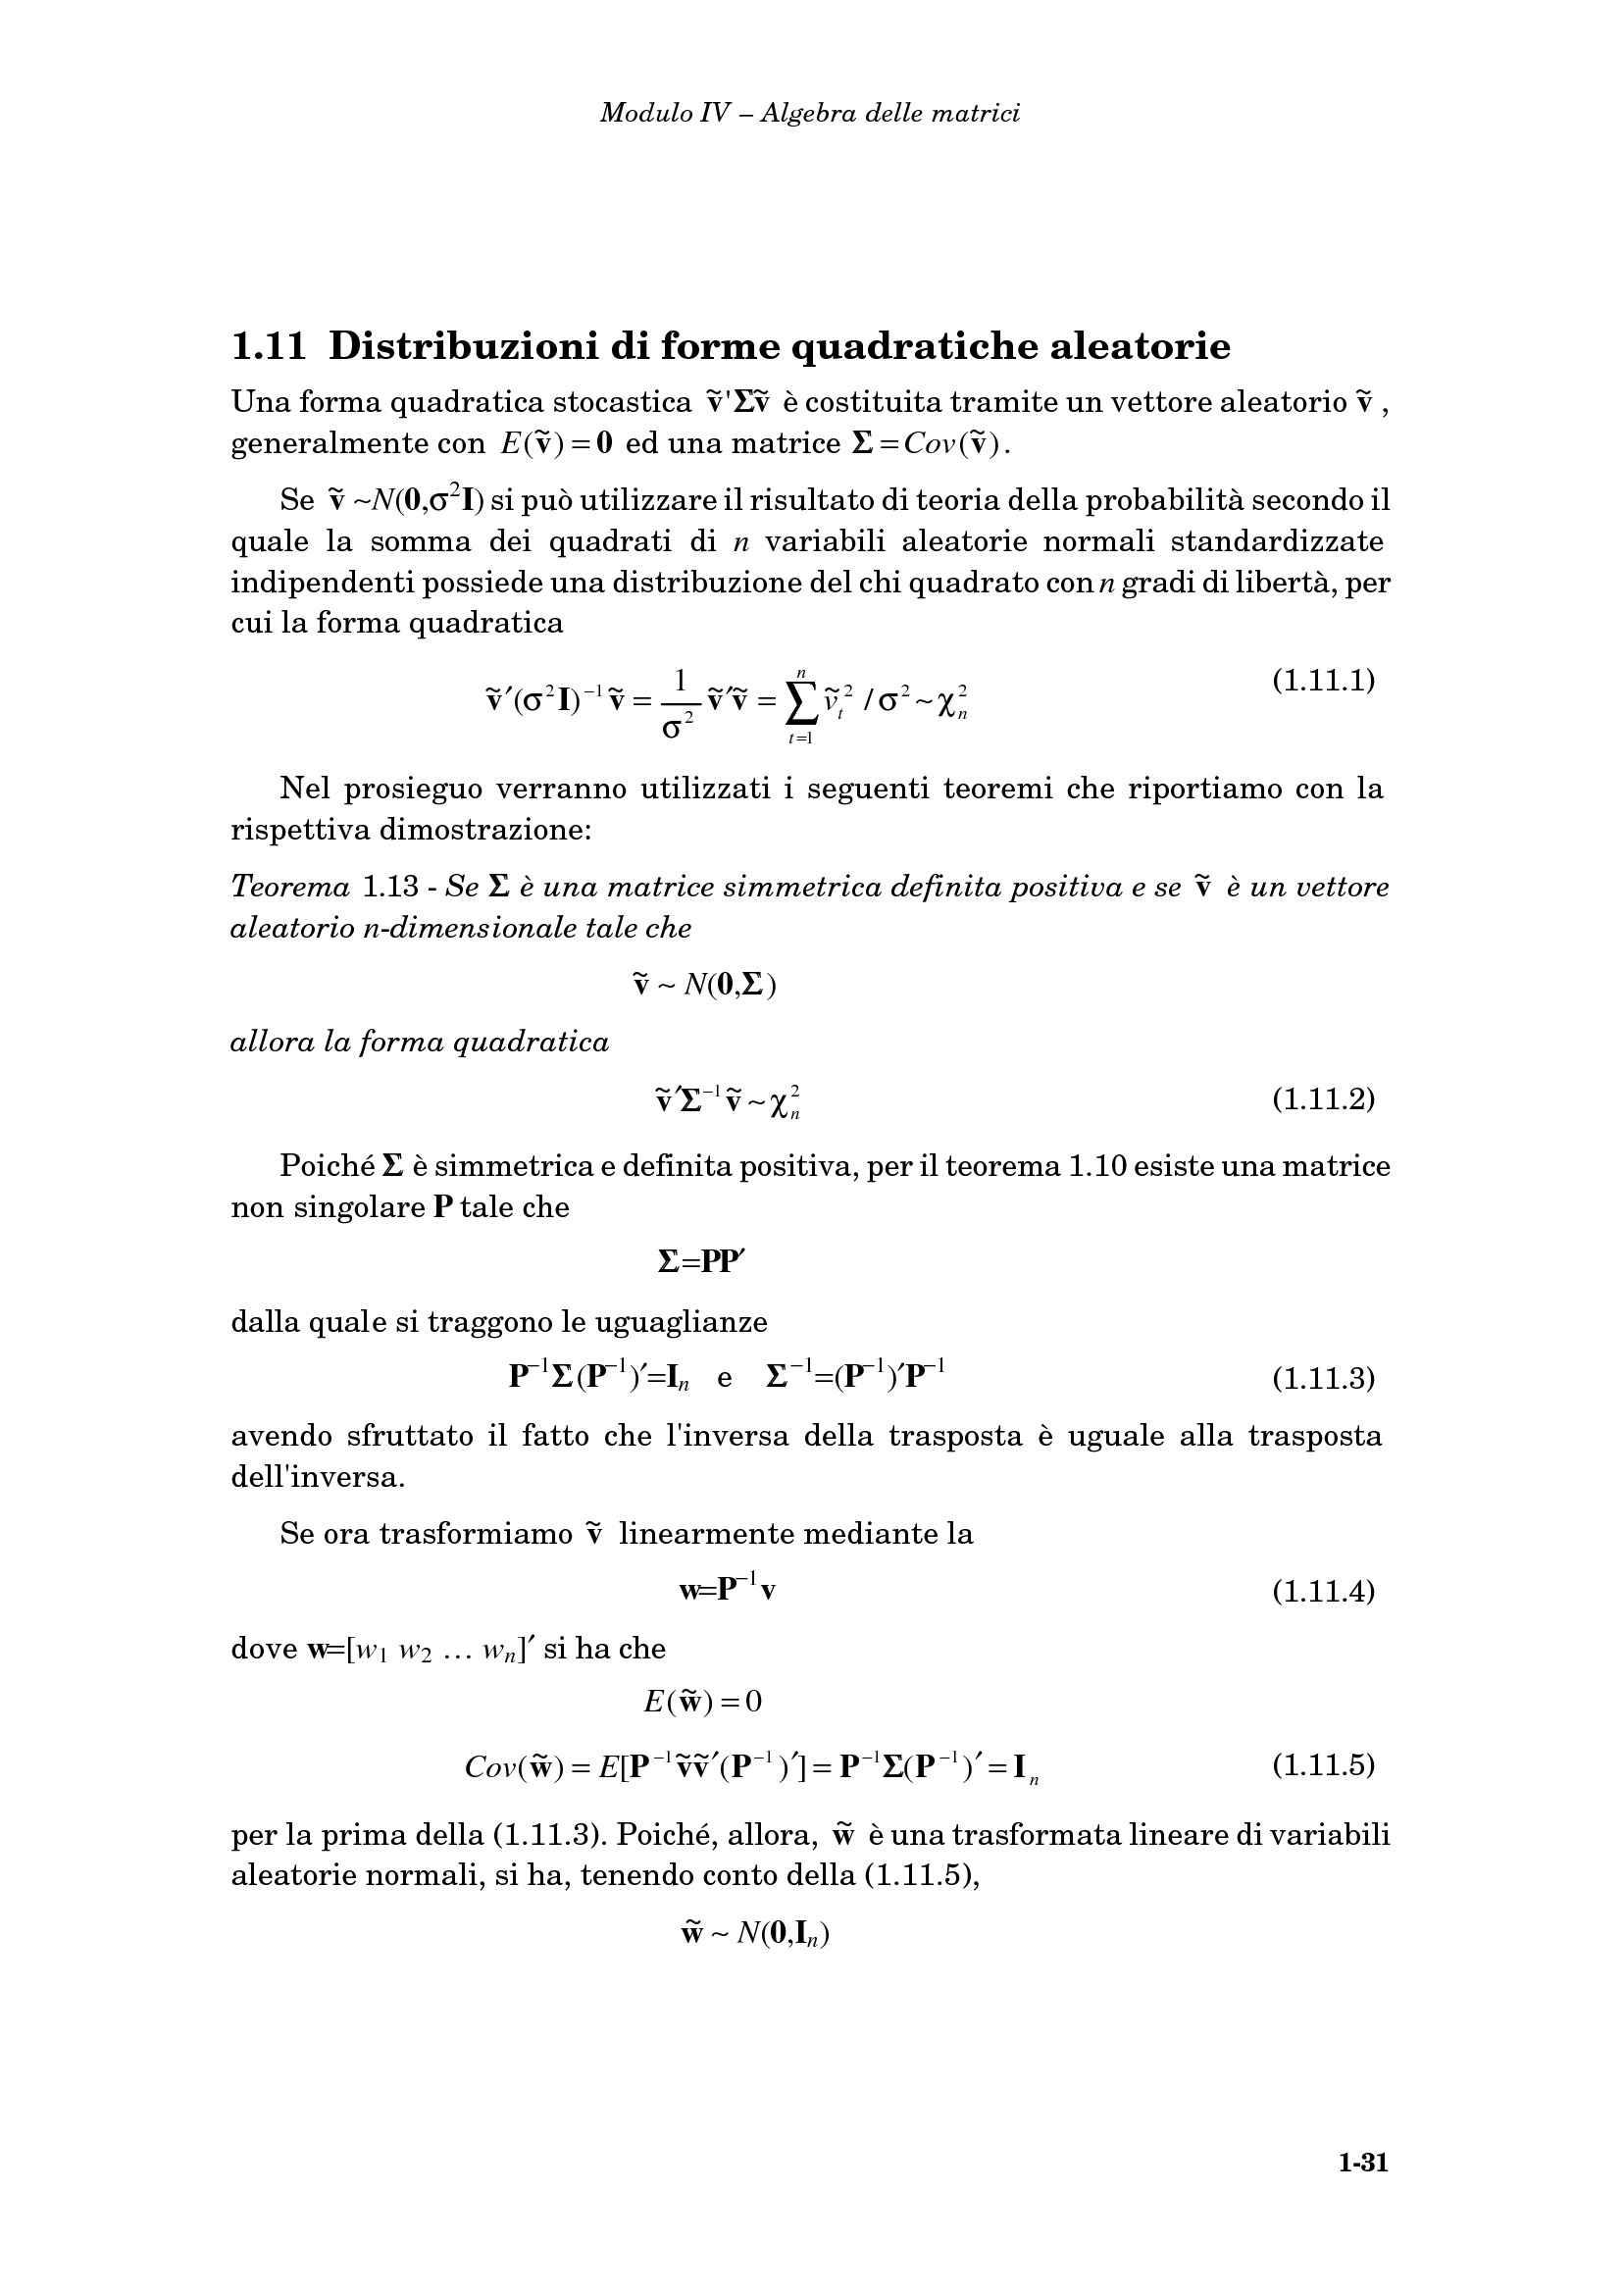 Distribuzione forme quadratiche aleatorie